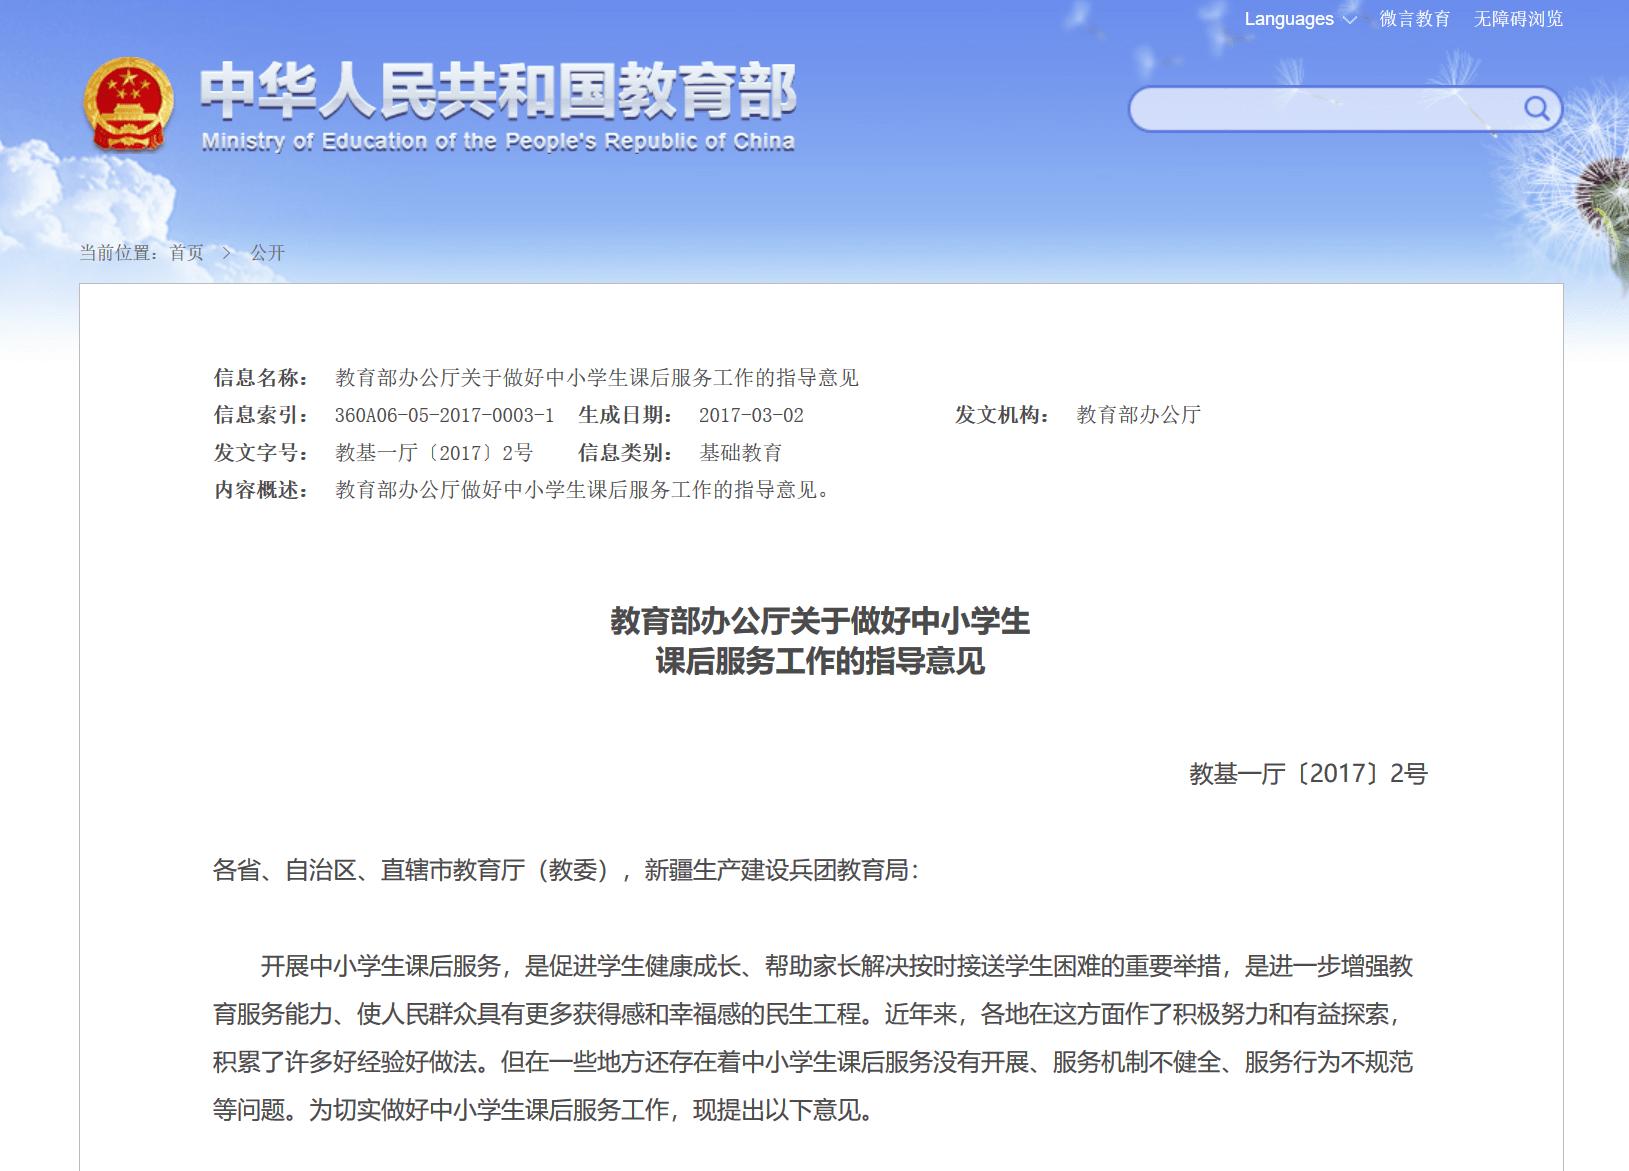 深圳中小学拟提供课后延时服务:免费 两课时 自愿参加